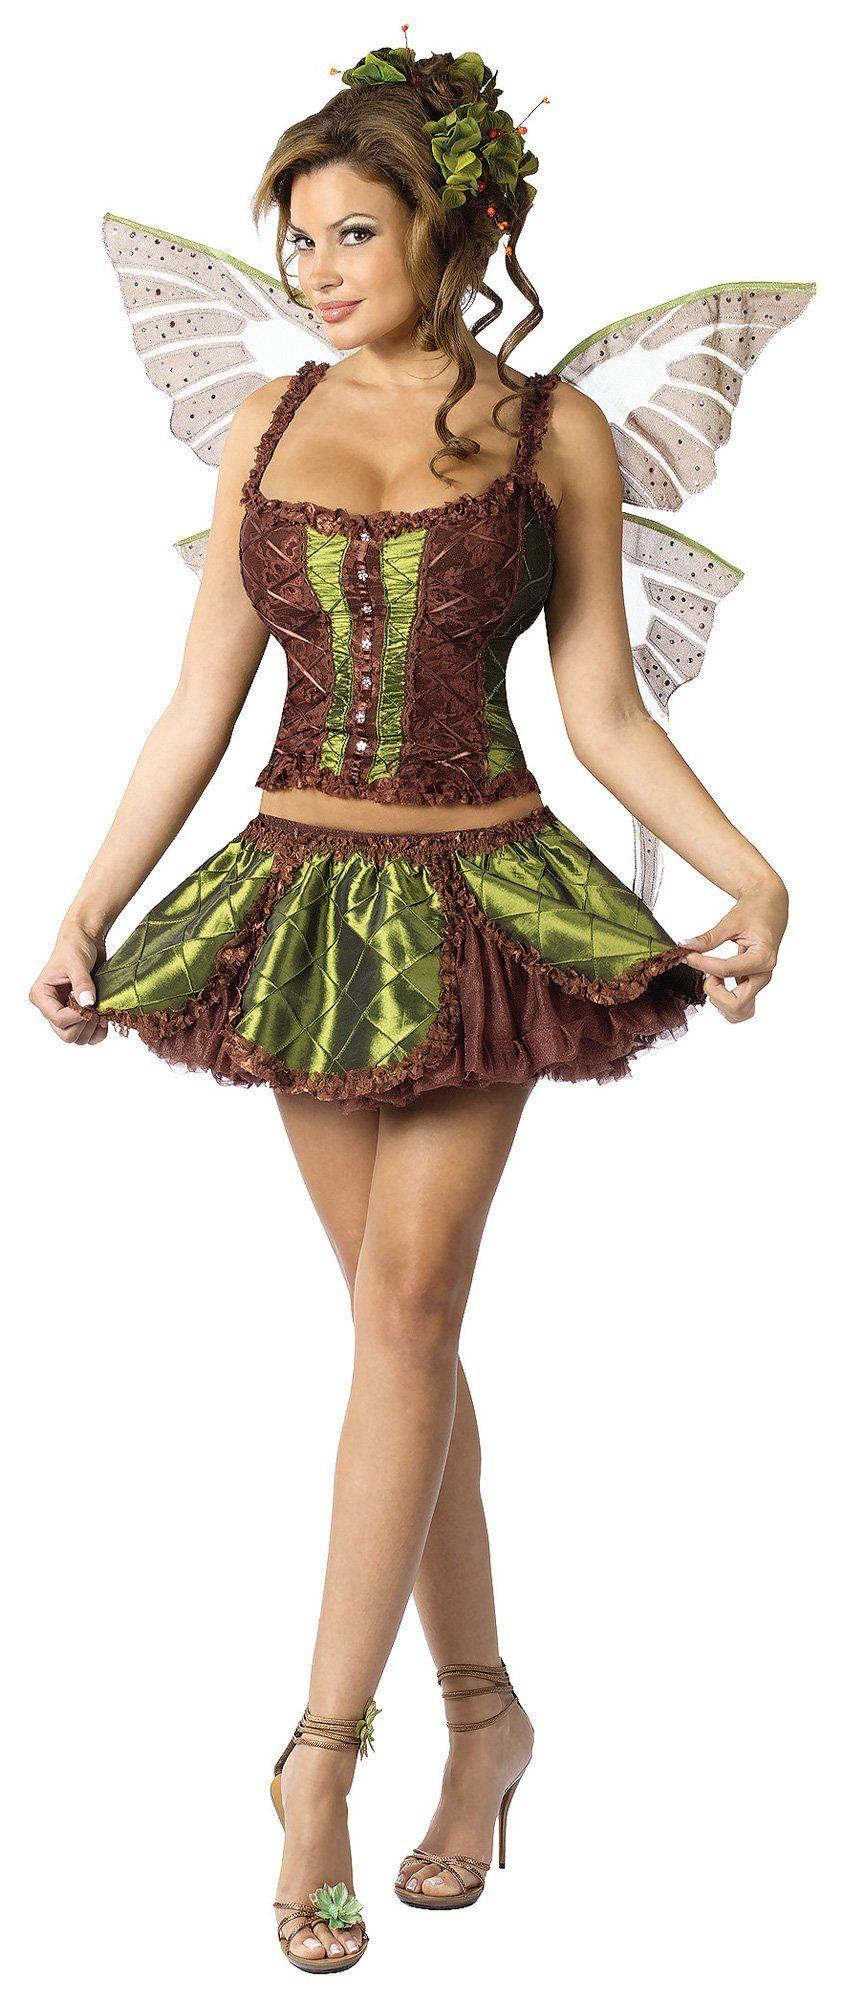 Adult faerie costumes